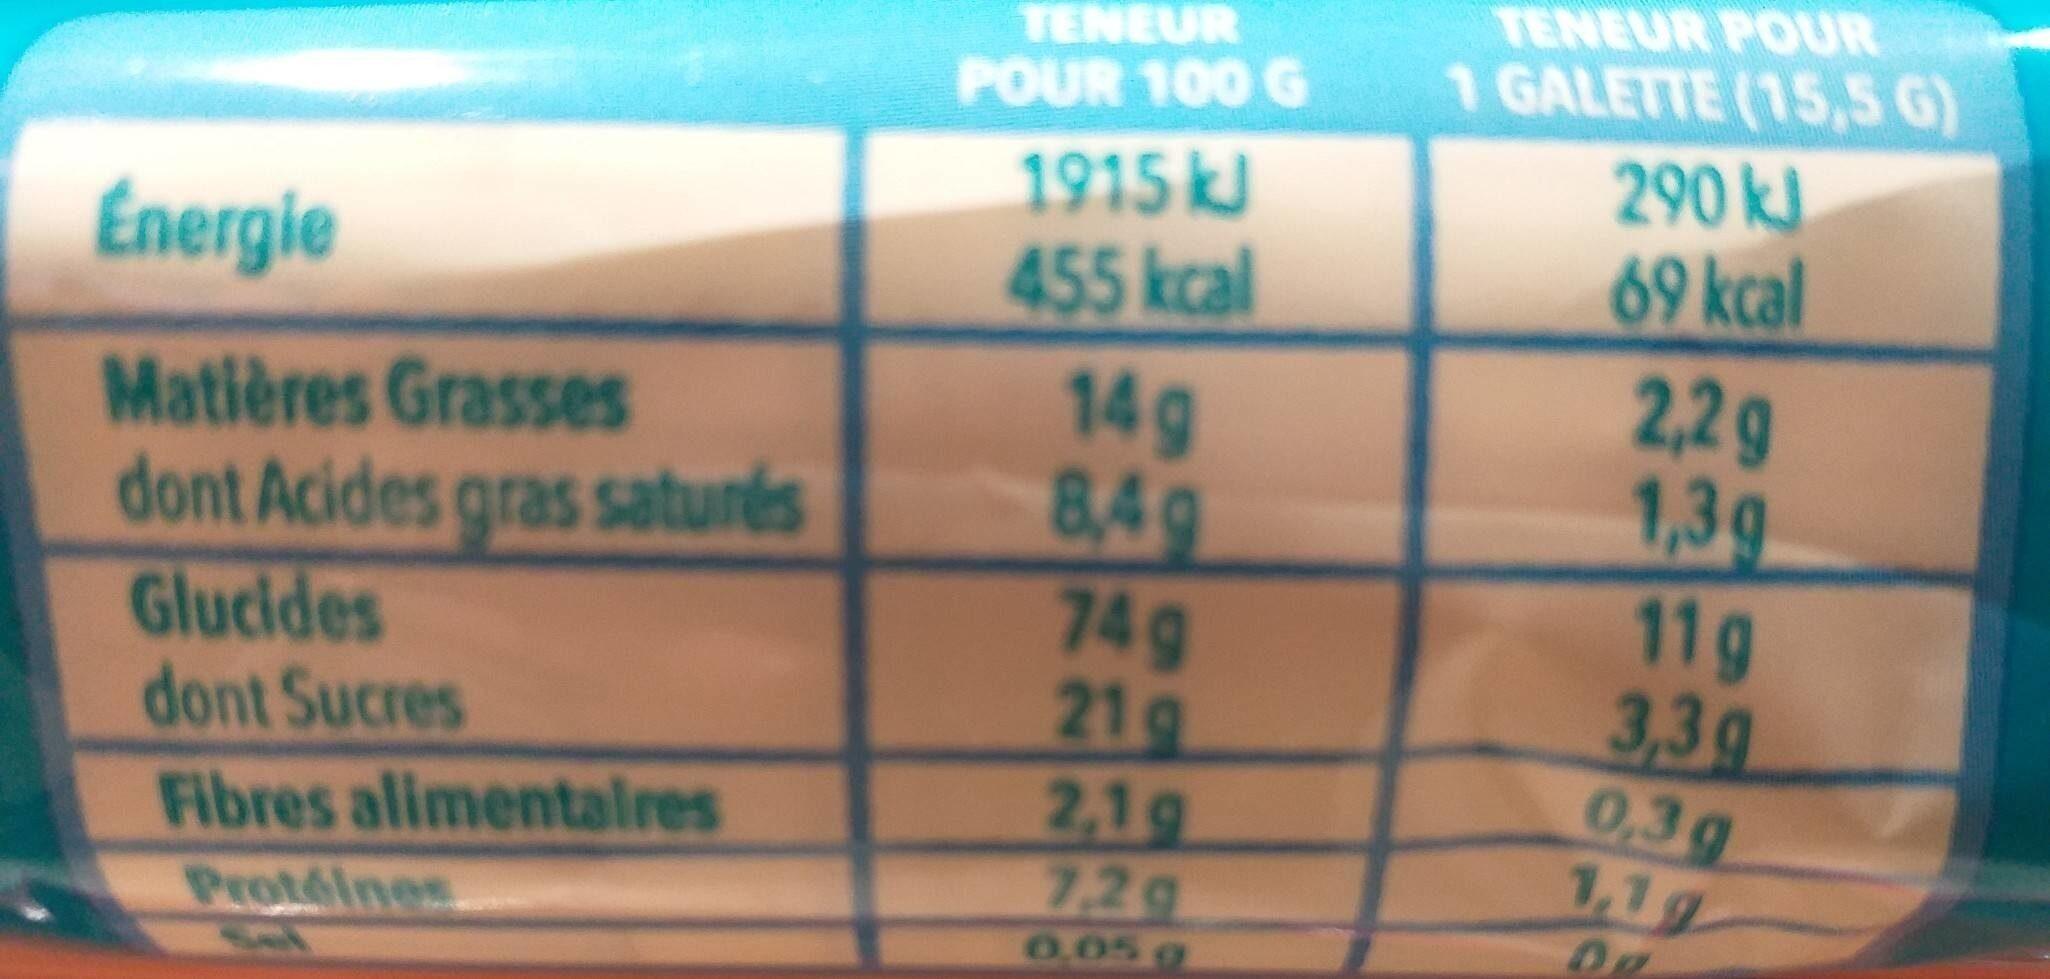 Galette maïs chocolat au lait - Informations nutritionnelles - fr